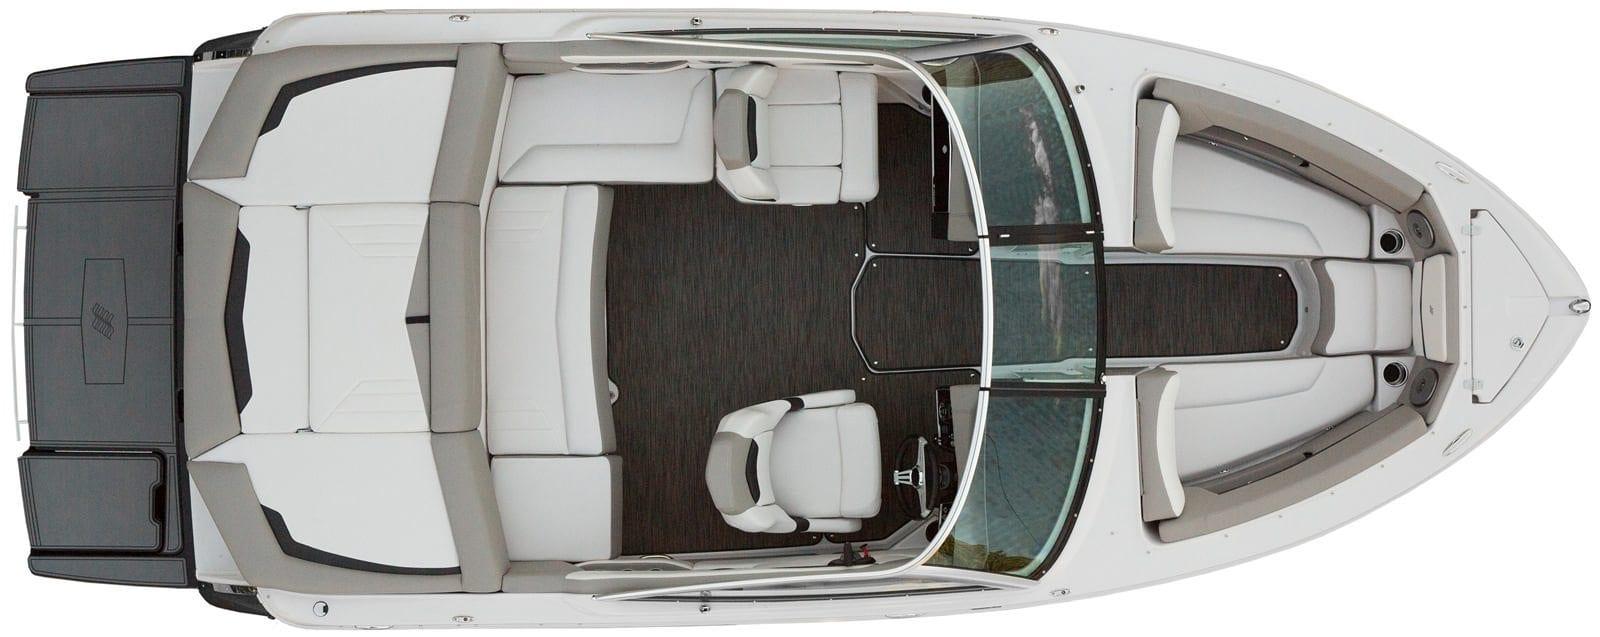 סירת מנוע (ספורט) Four Winns 210 - סטרים יאכטות